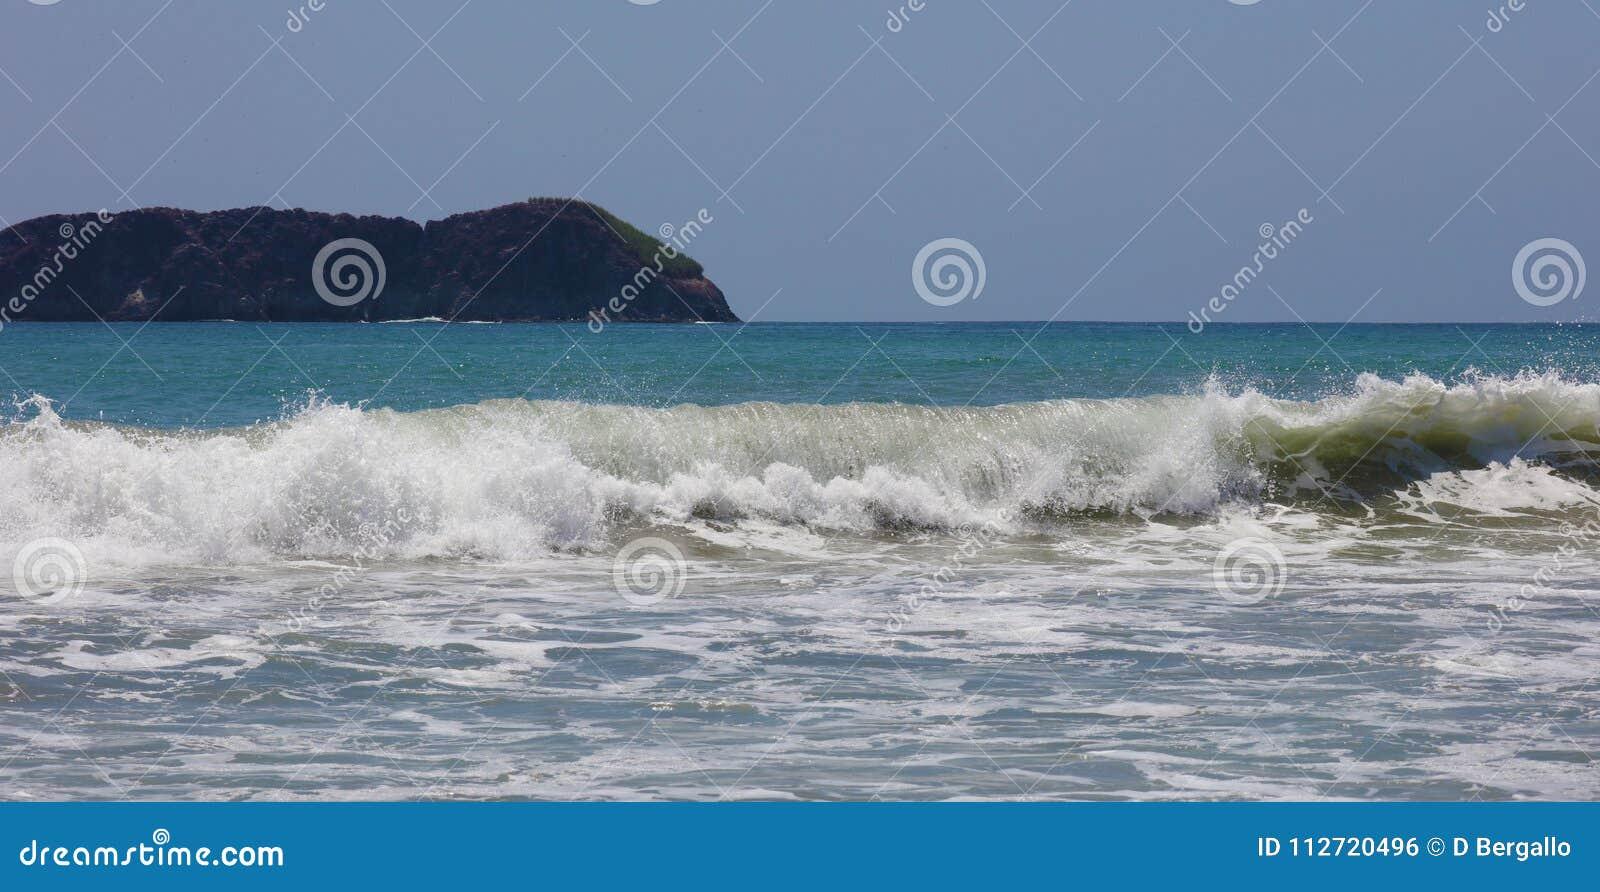 Панорамный взгляд пляжа национального парка Манюэля Антонио в Коста-Рика, большинств красивых пляжах в мире, серфер приставает к